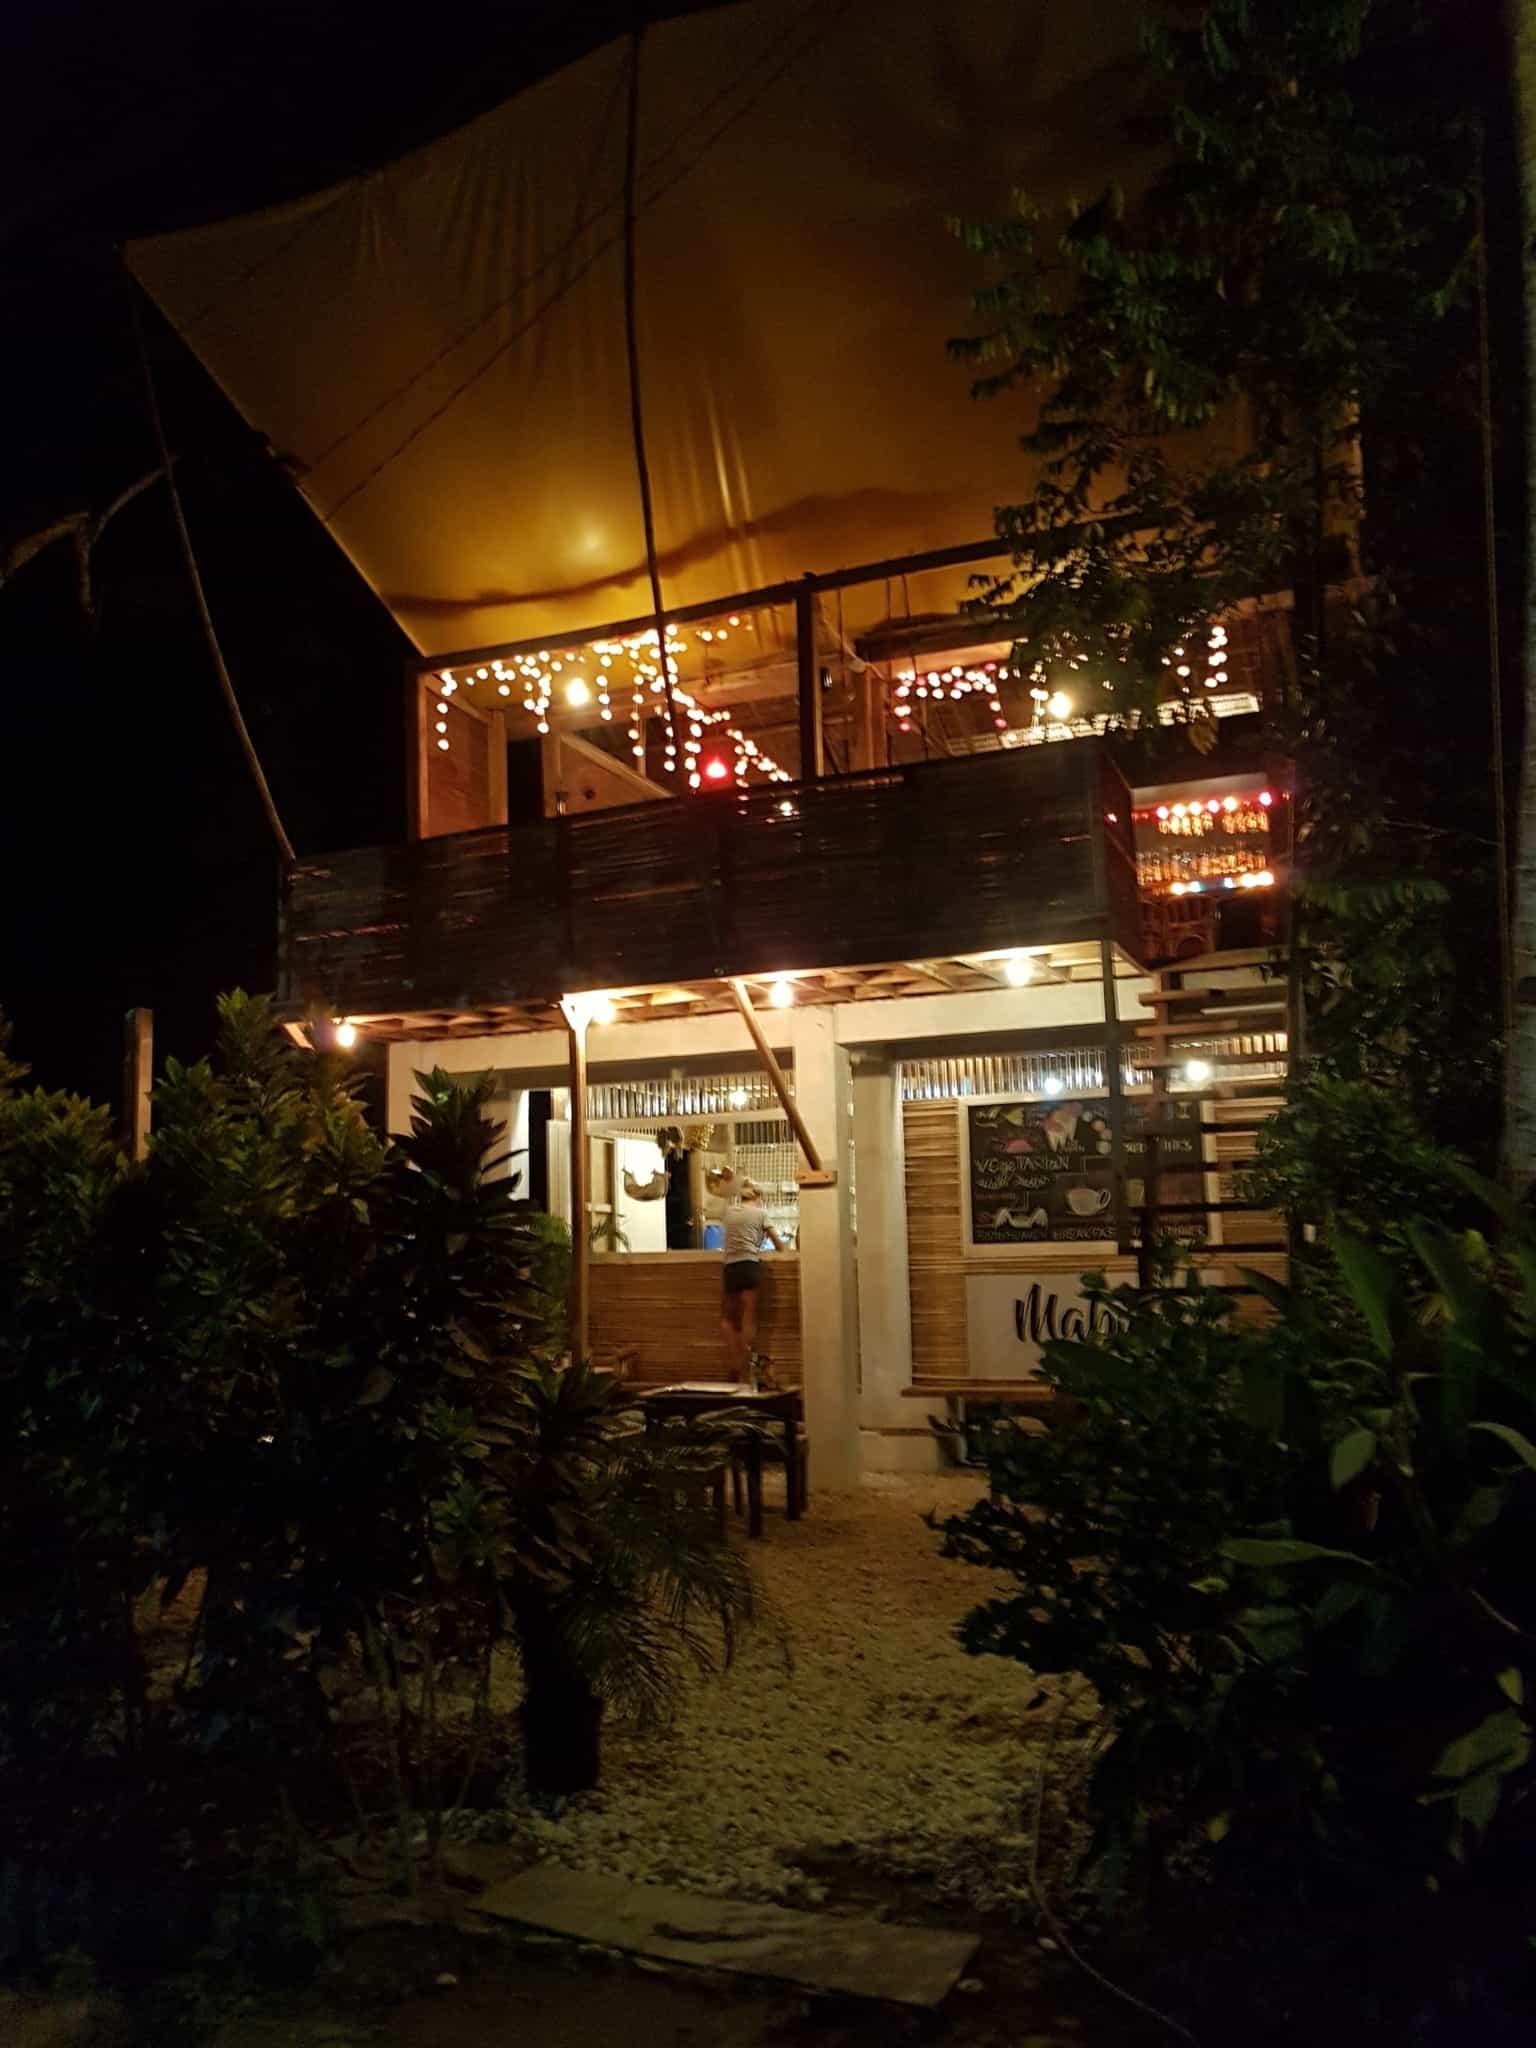 Philippines, comment je me suis retrouvée seule sur une île déserte 🧜♀️ 15